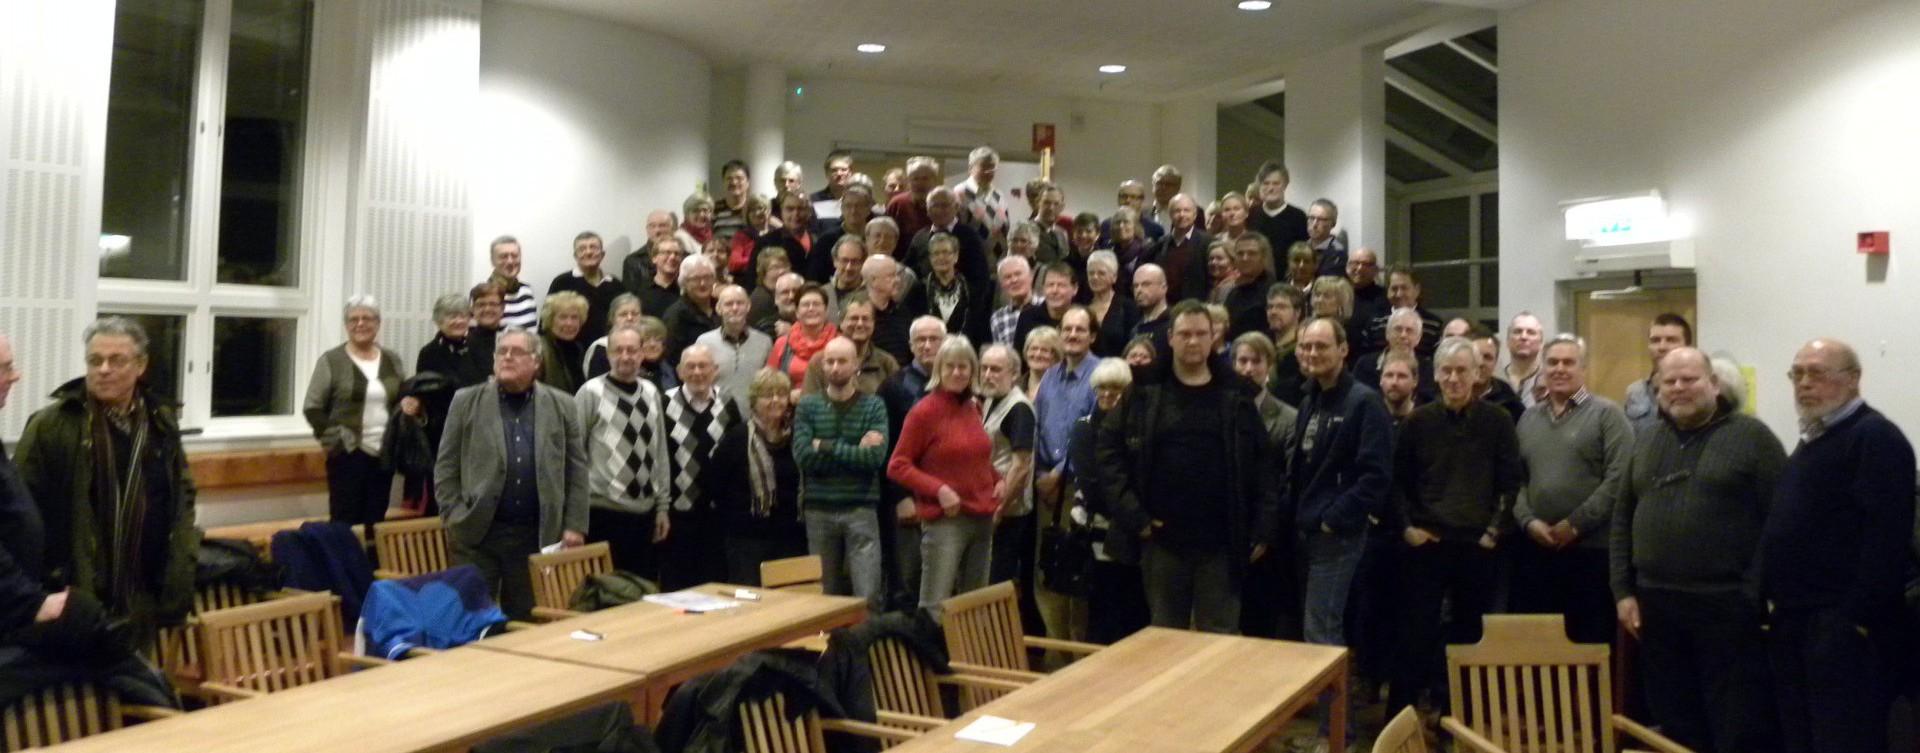 Gruppfoto med engagerade medborgare, taget i samband med ett känsloladdat samrådsmöte om planprogram för Vägga, ett område av stort intresse för kommuninvånarna. Foto: Jonas Olsson